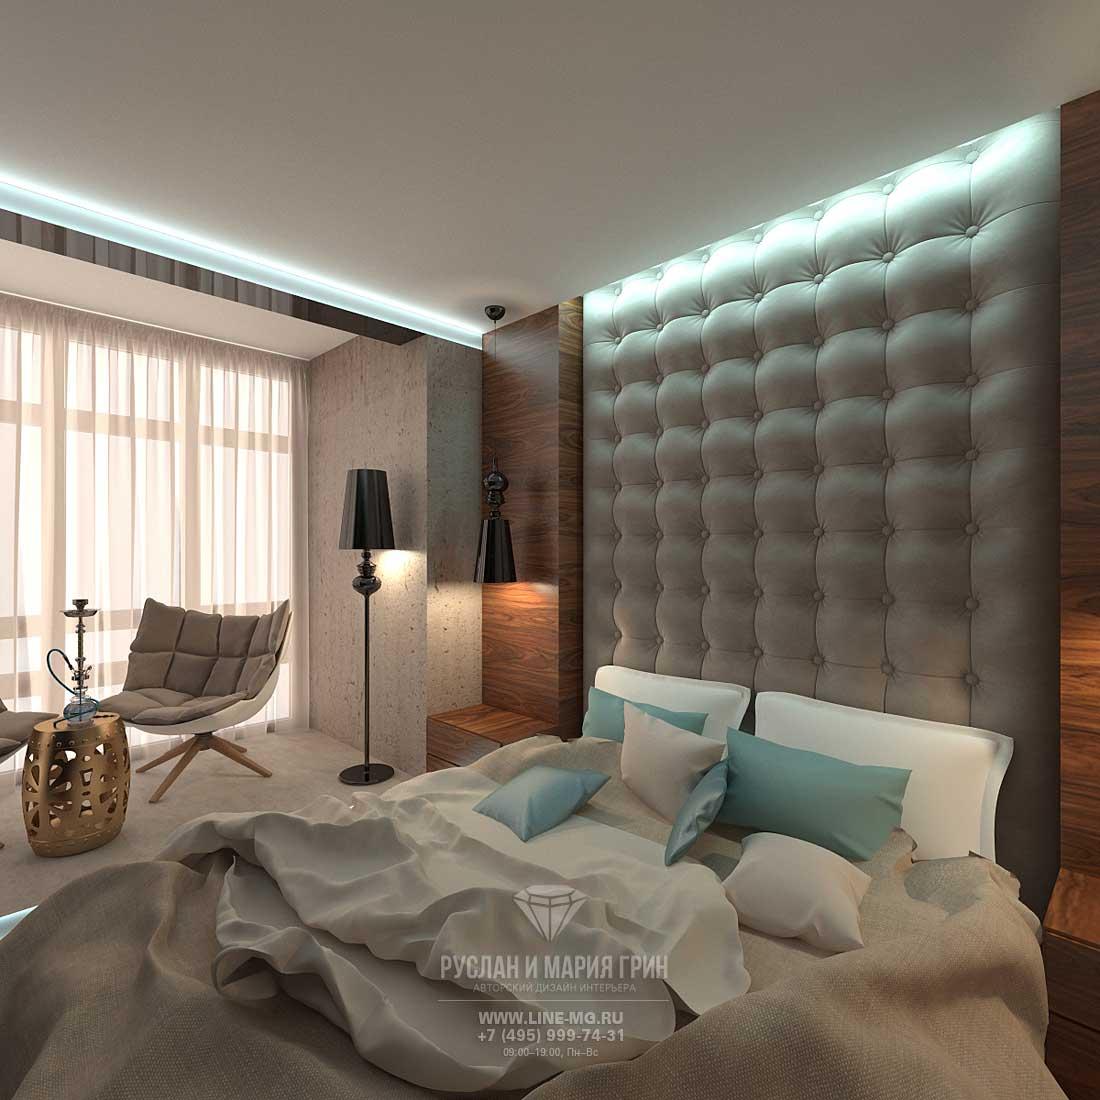 Современные спальни: 180 фото лучших идей дизайна 2020 года